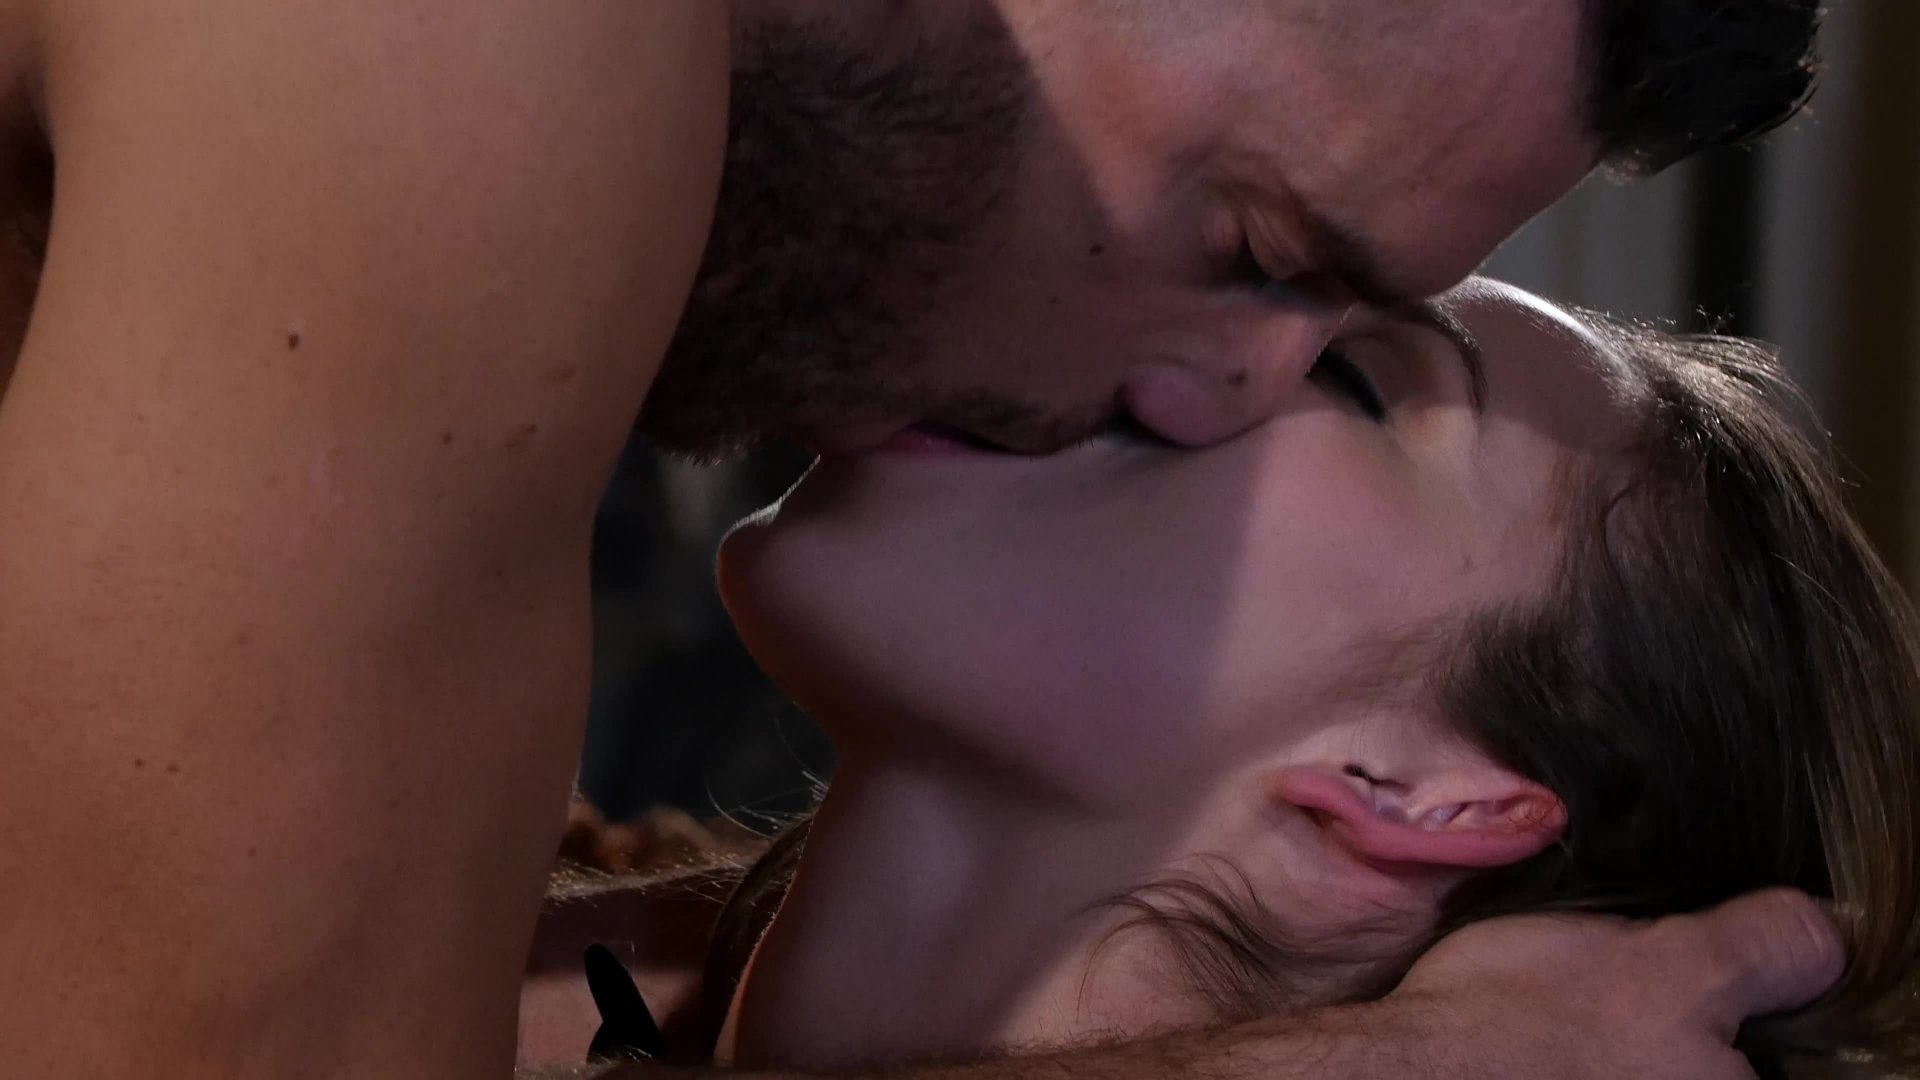 film erotici striming eroric video